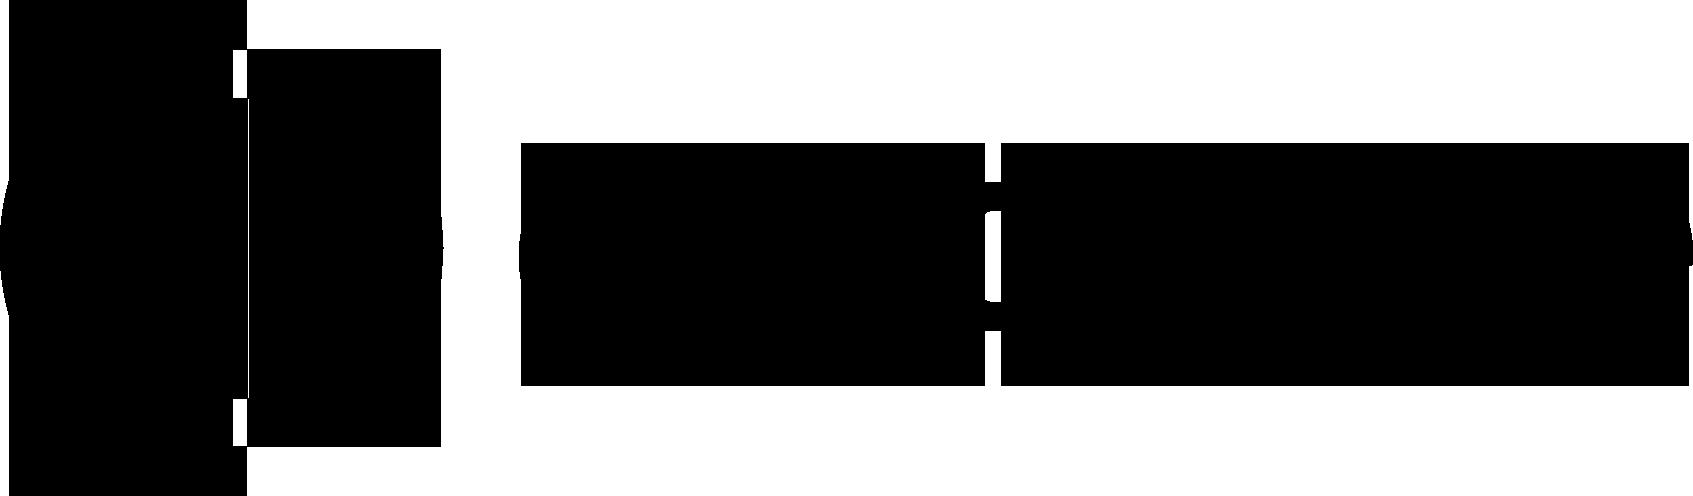 Optomaze logo